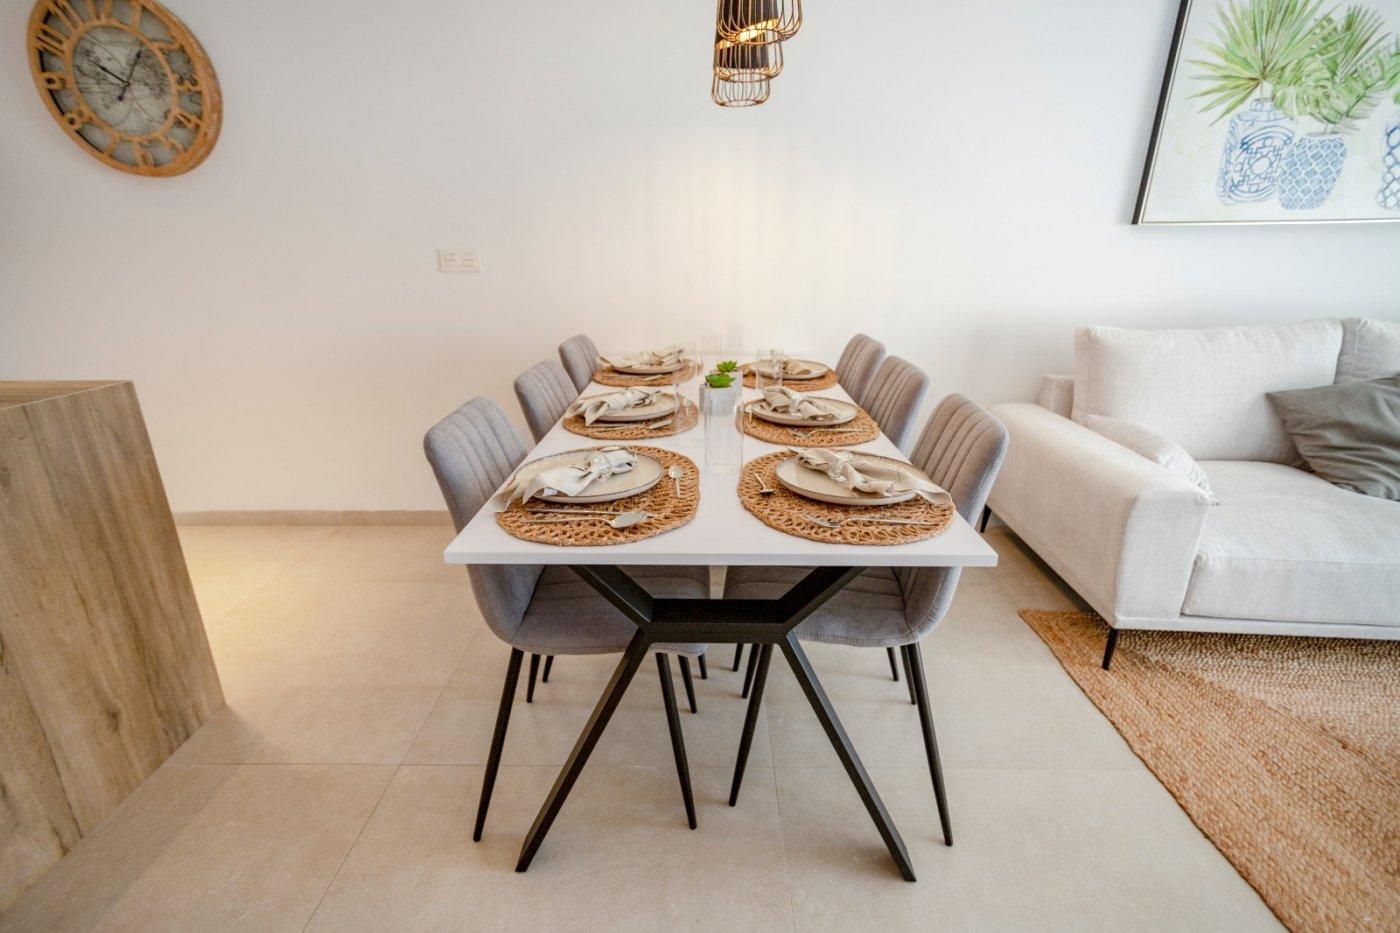 Apartamento moderno en san pedro del pinatar - imagenInmueble6